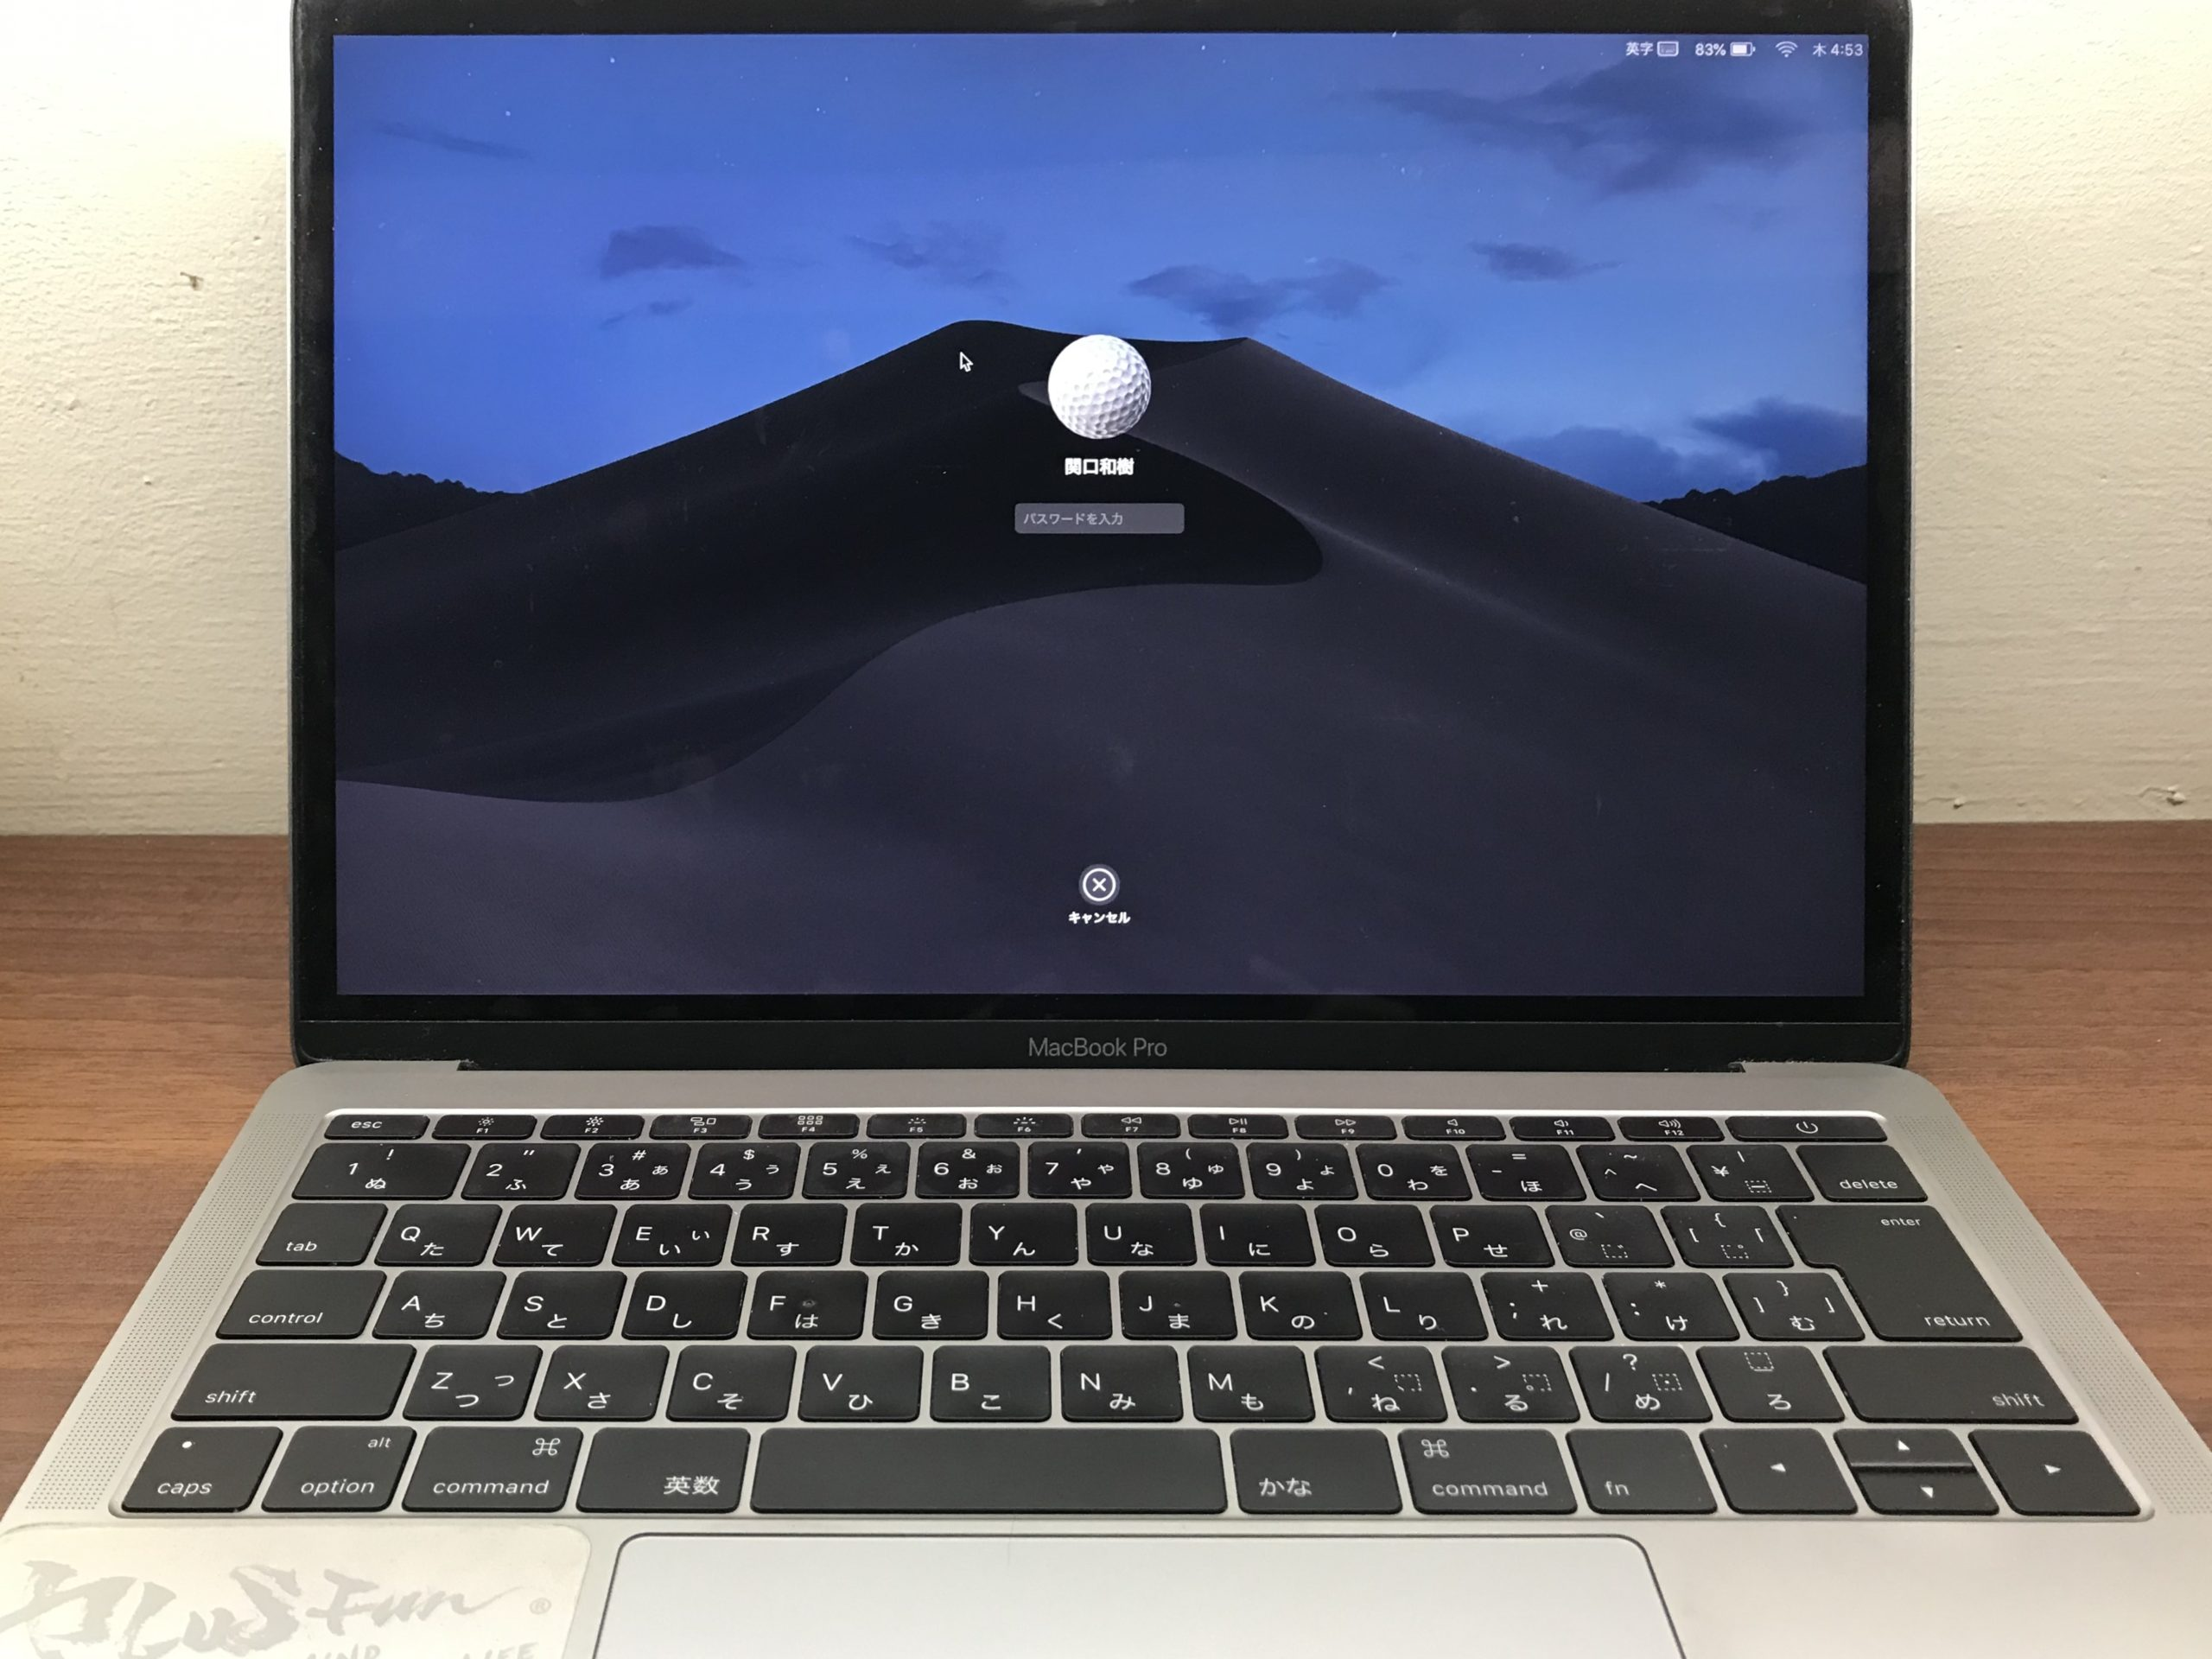 台湾留学でノートパソコンは必要か?Mac Book Proを私は持って行きました!